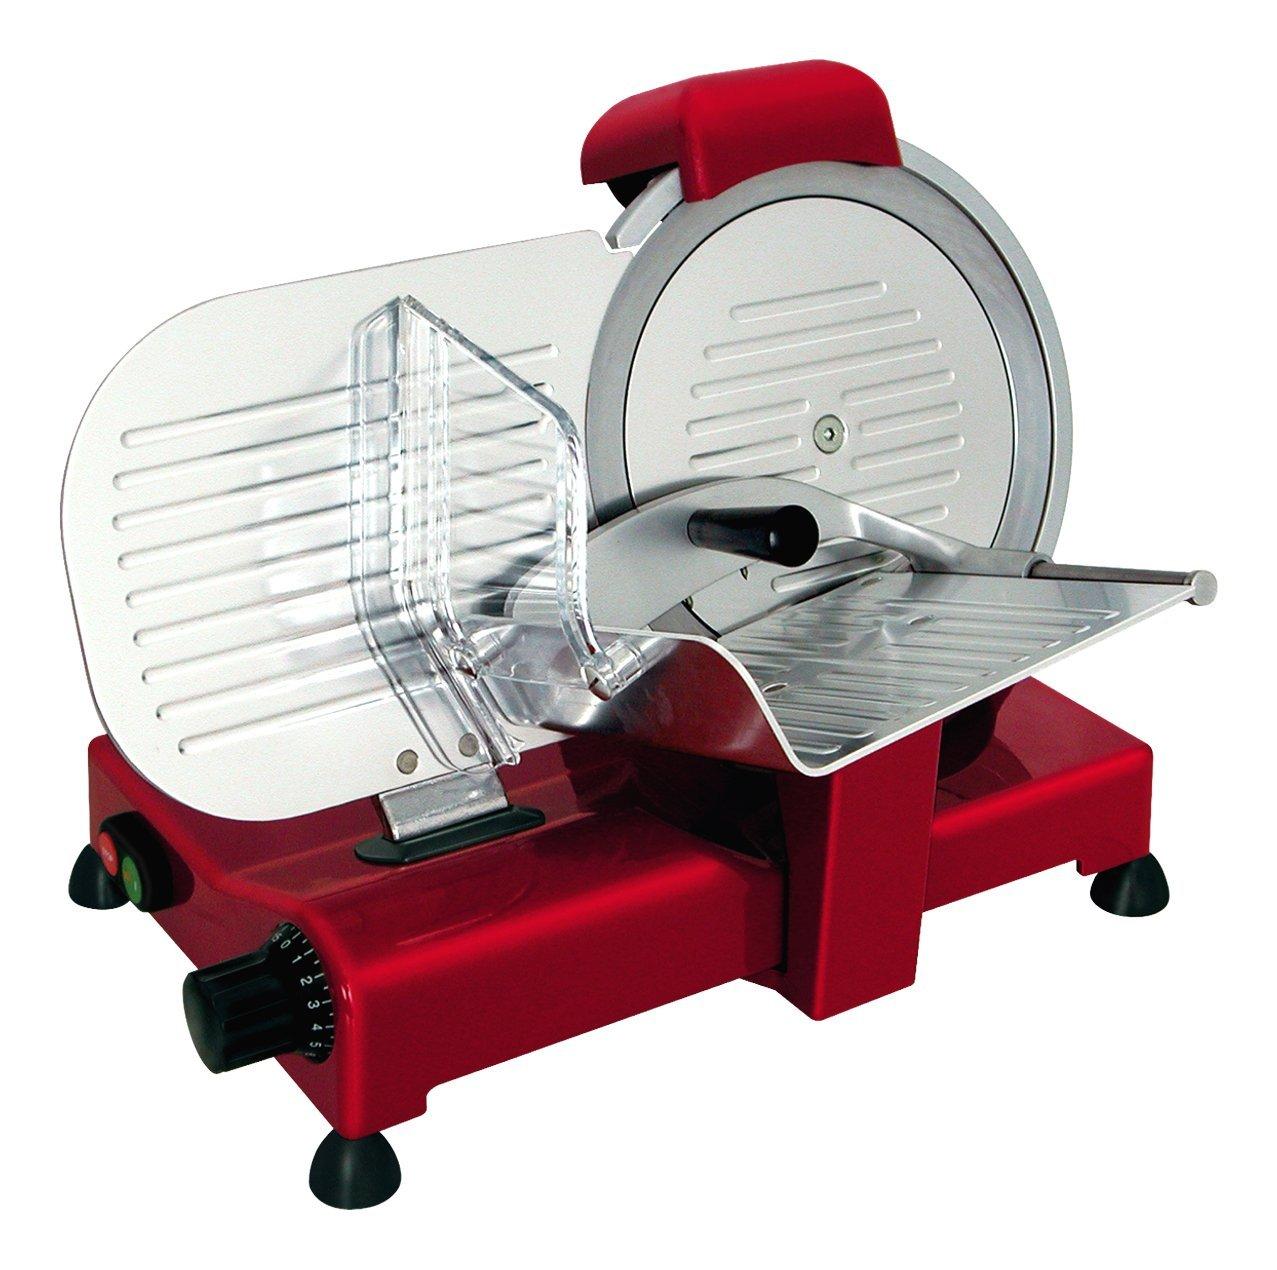 Brotschneidemaschine Schublade Testsieger Preisvergleich